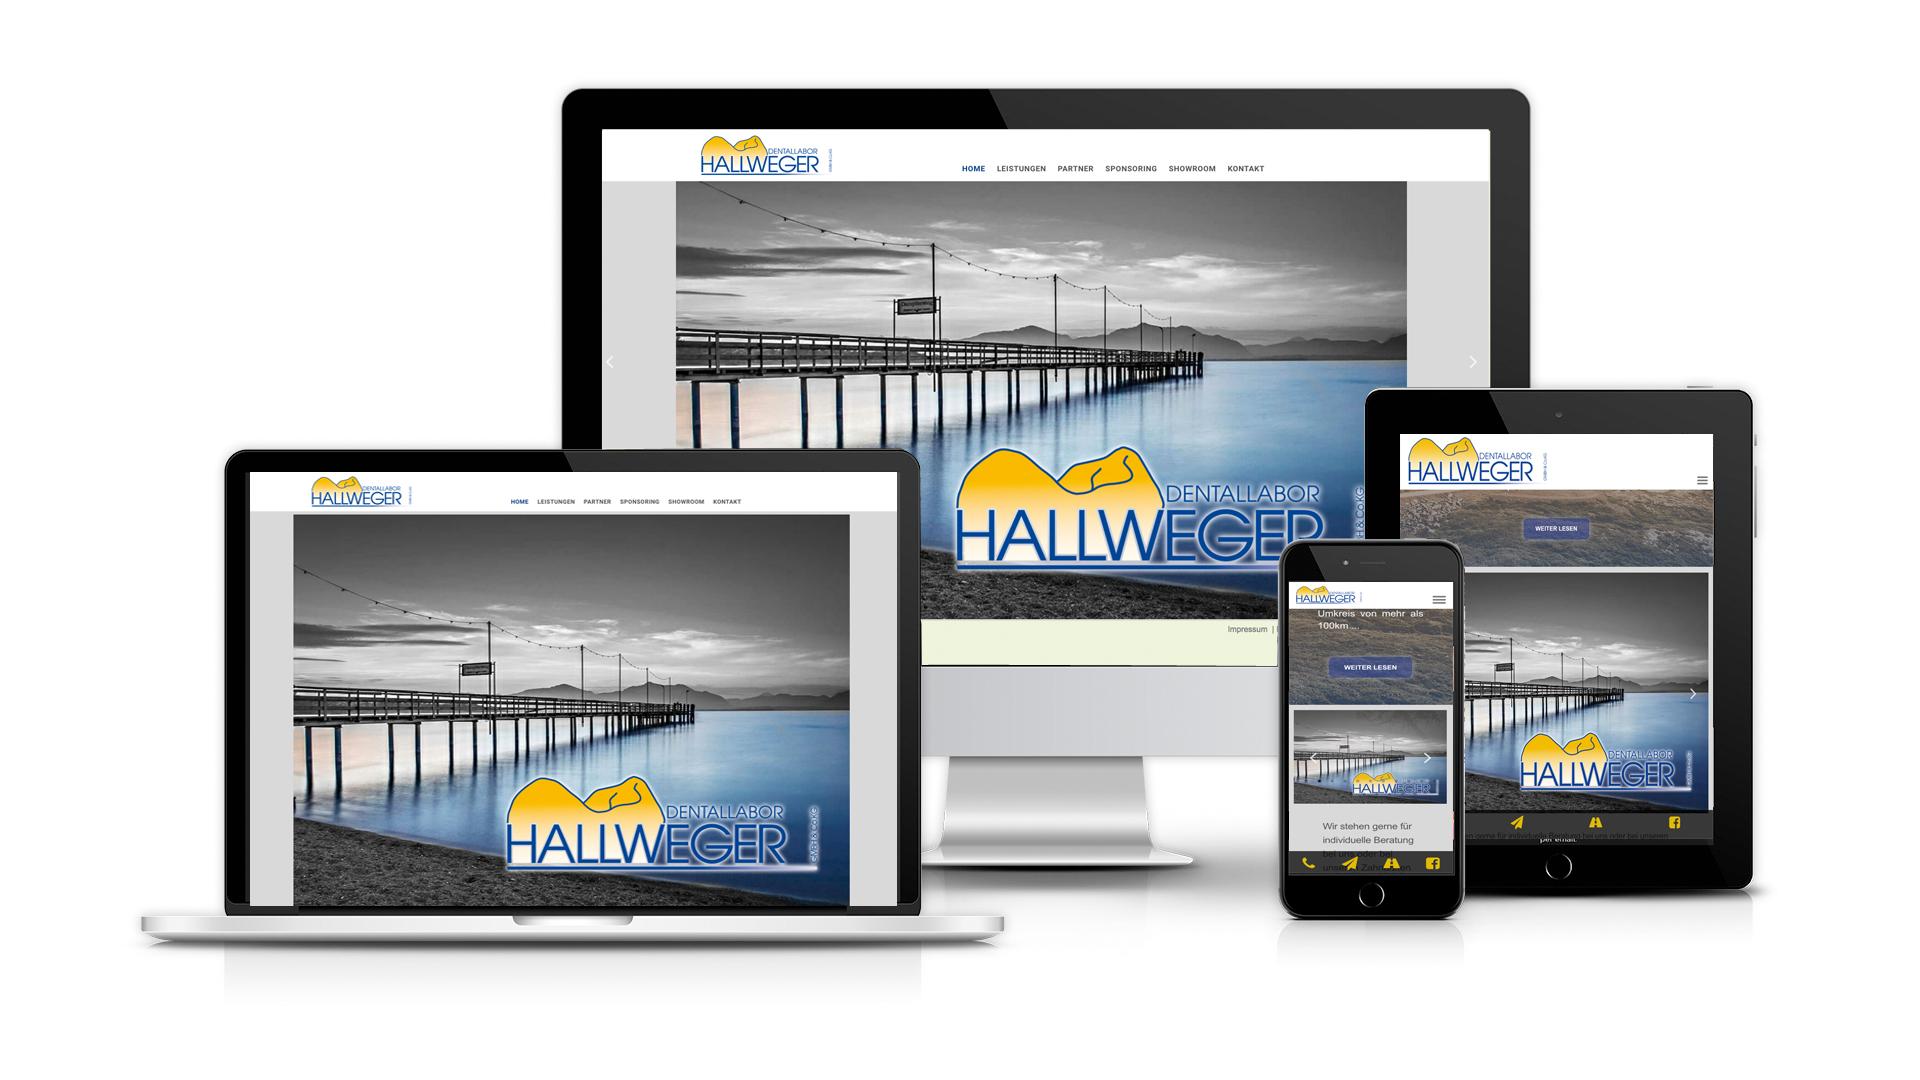 kronbichler-werbung-design-web_hallweger